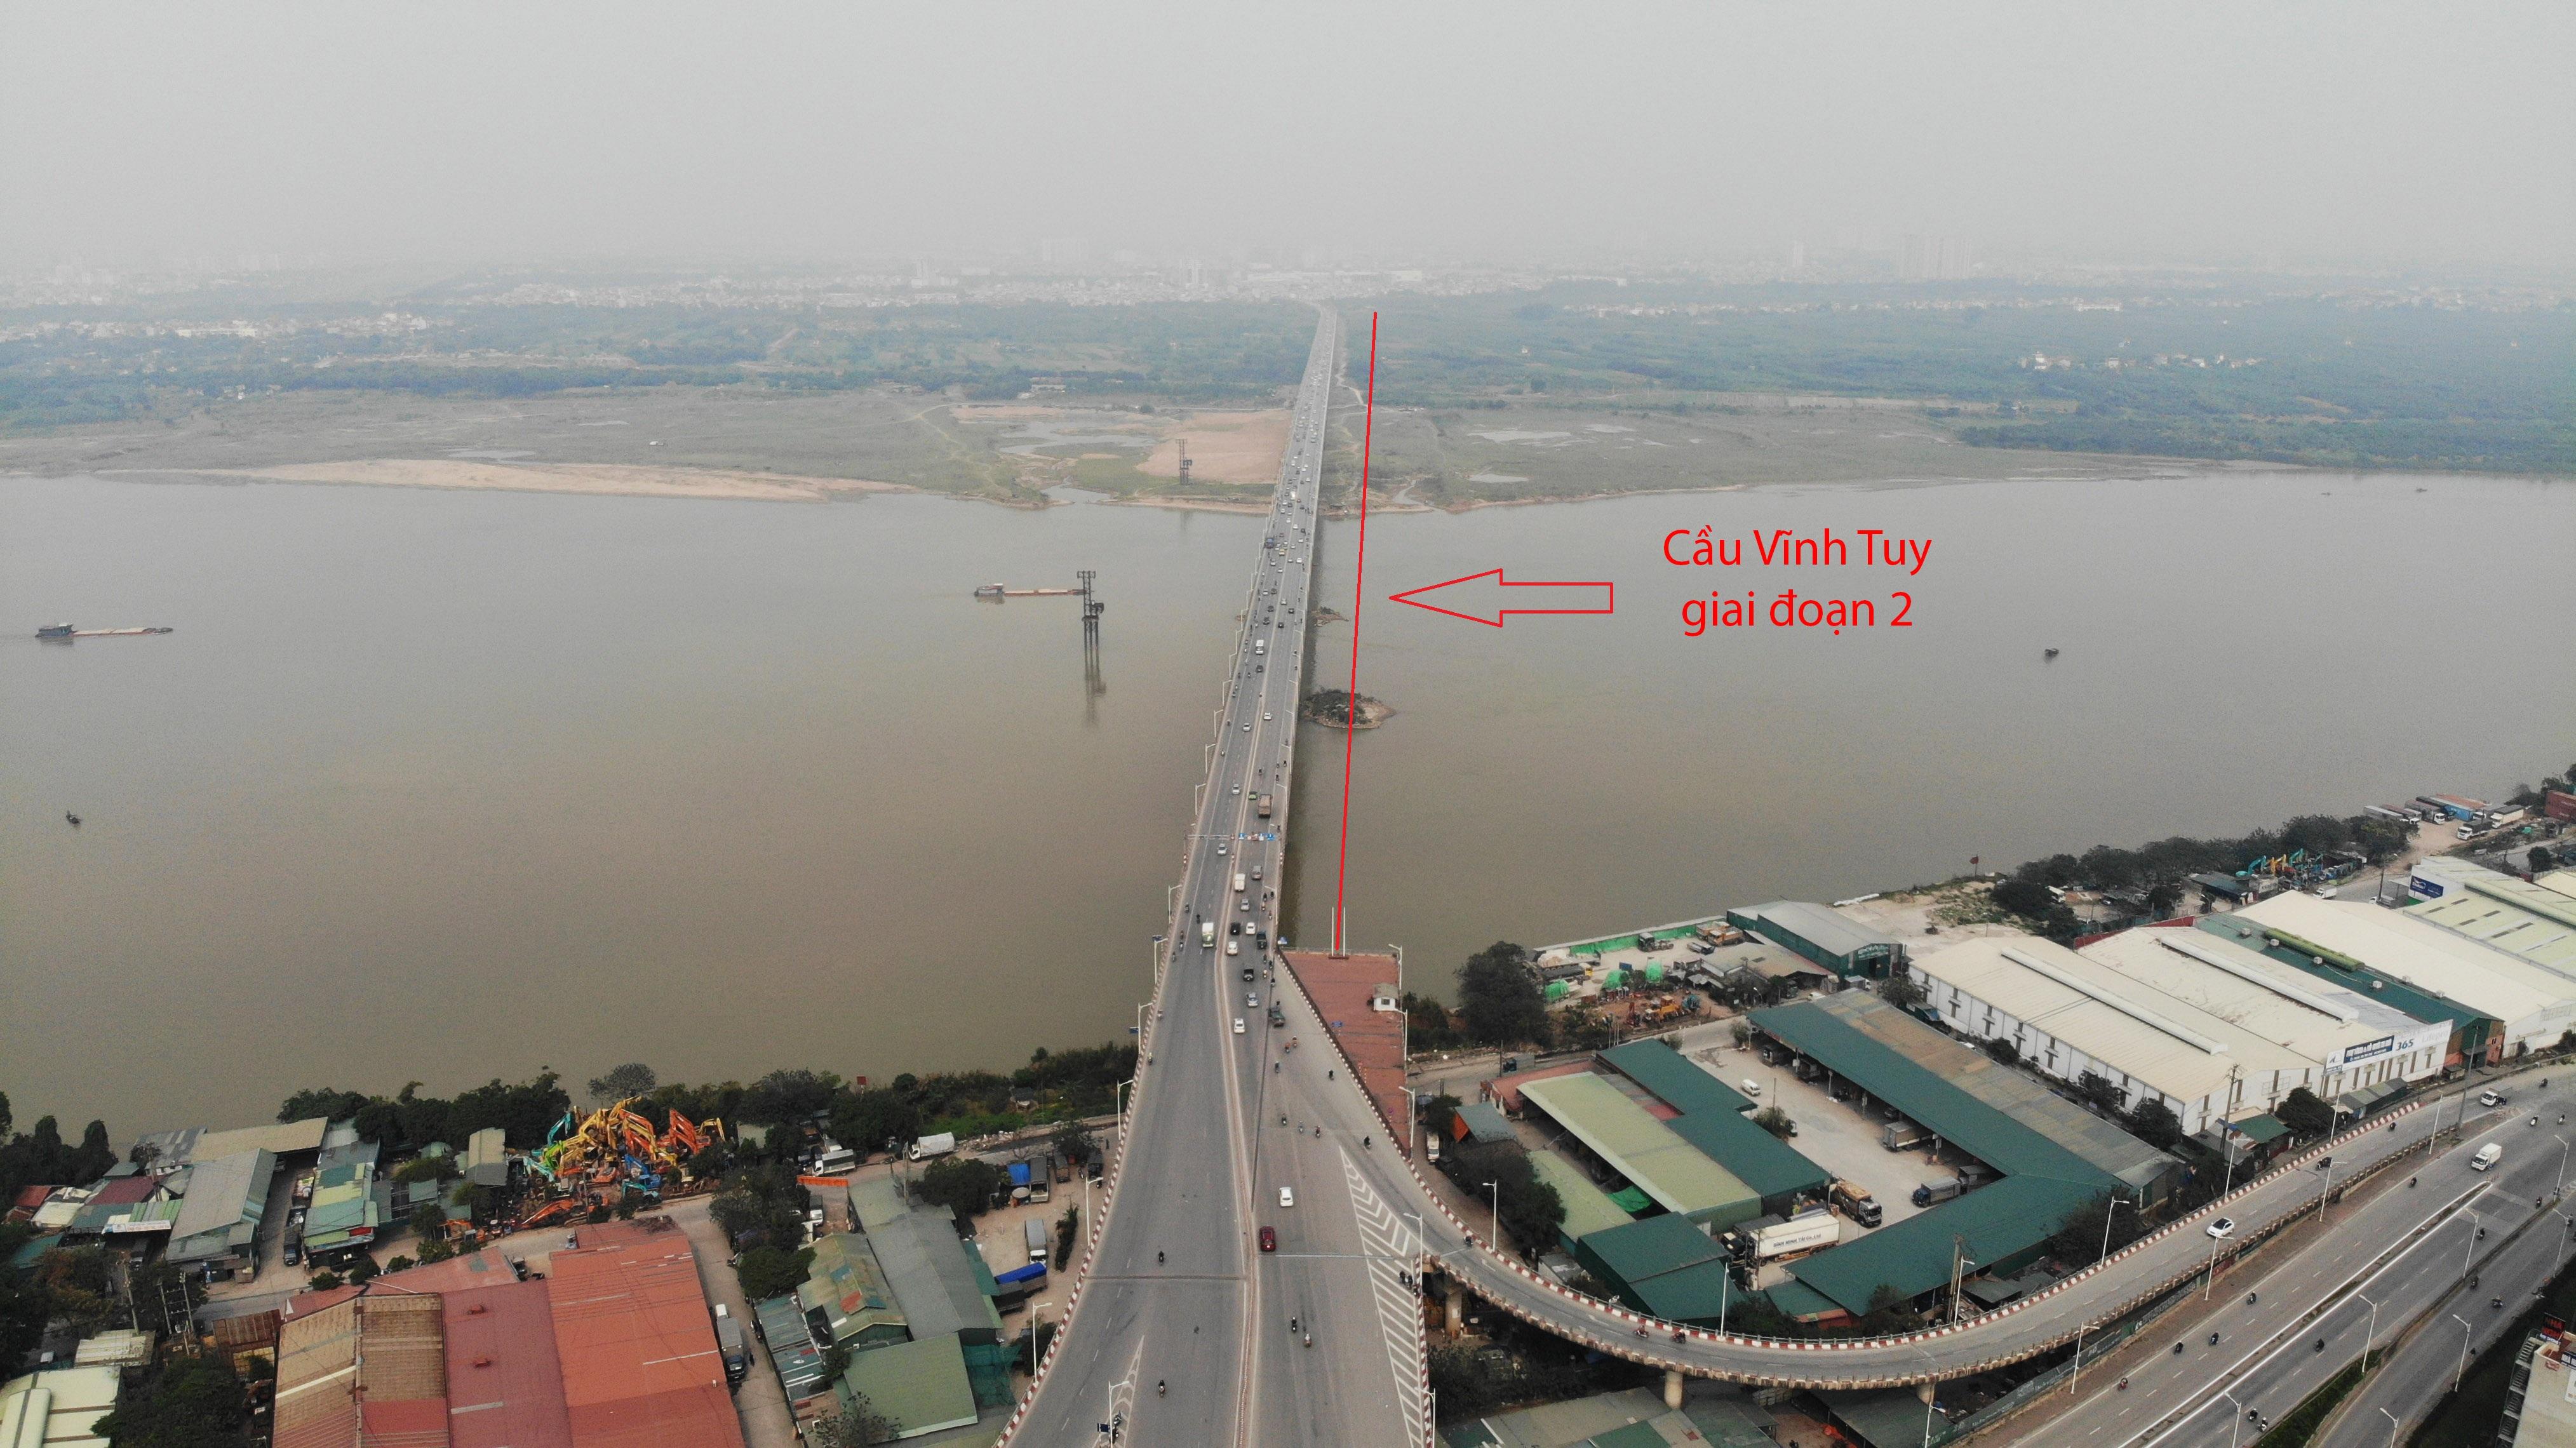 Toàn cảnh giao thông cầu Vĩnh Tuy trước khi xây cầu Vĩnh Tuy 2 - 1